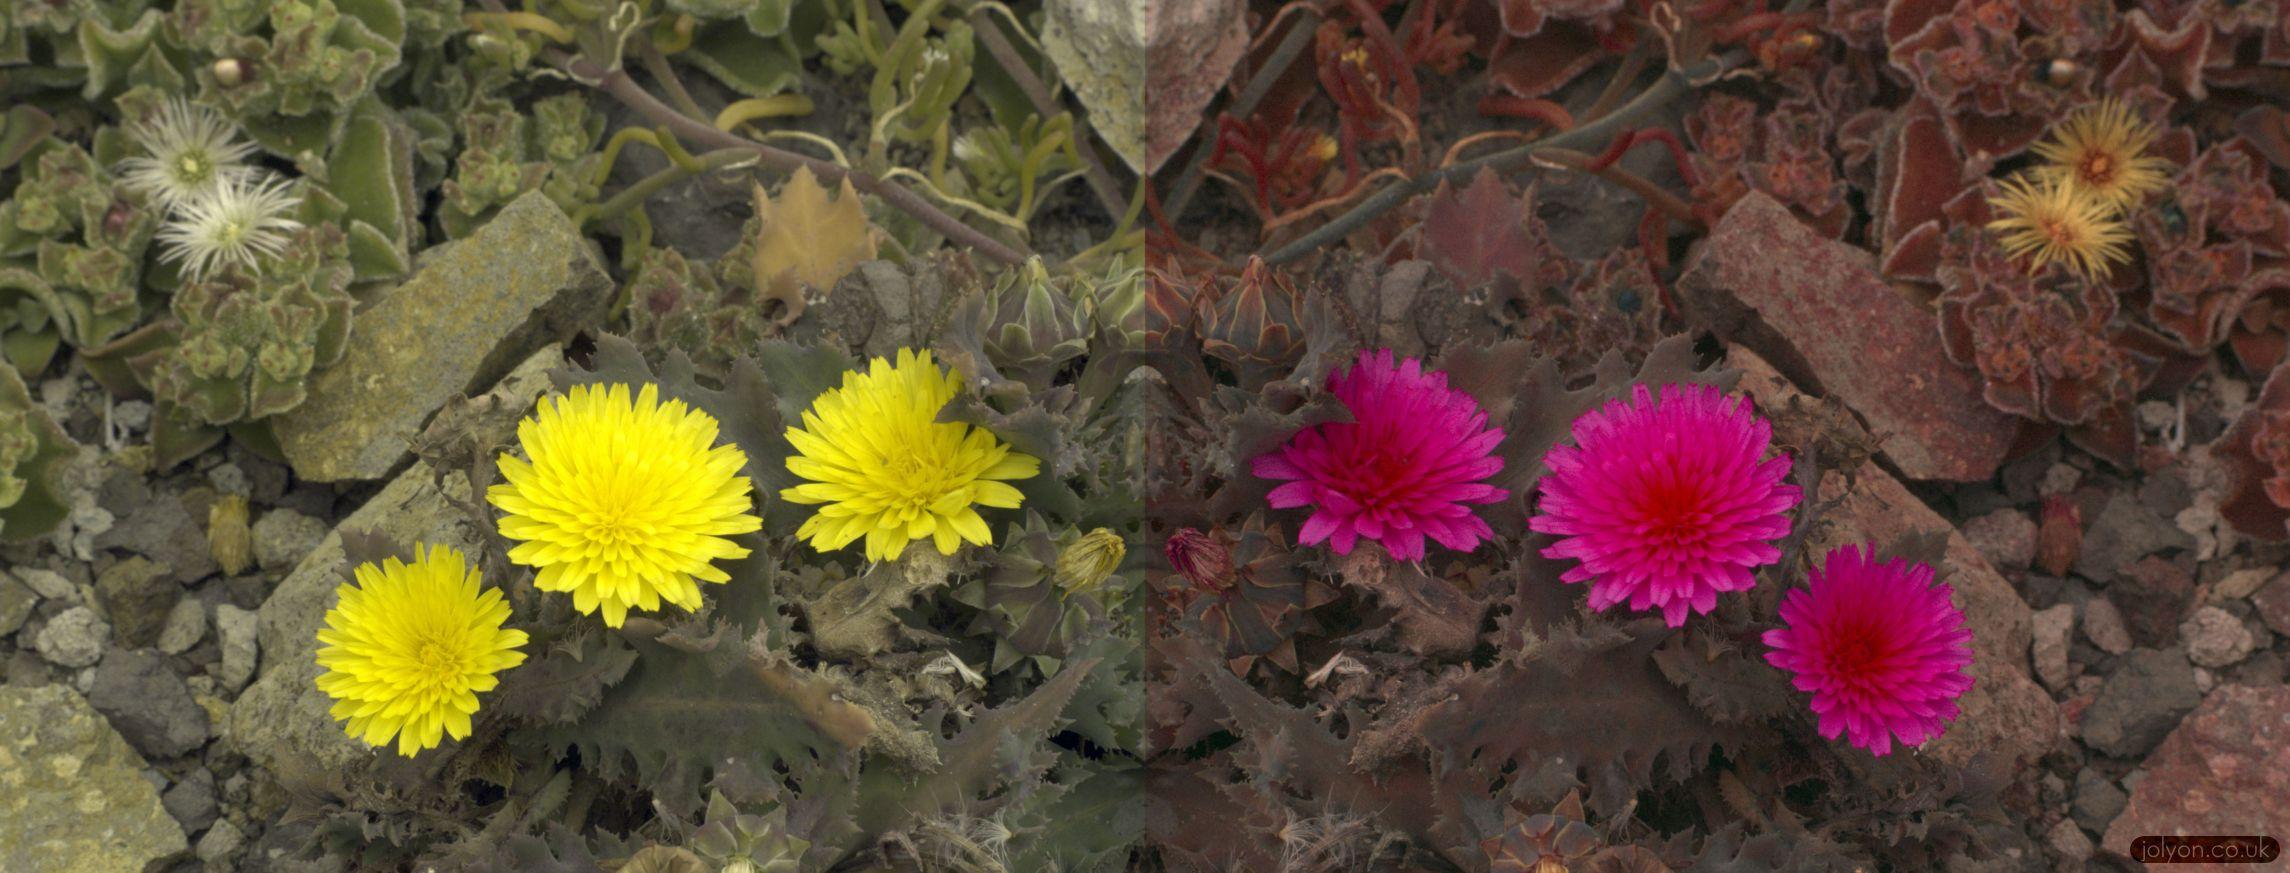 Tenerife Wild Flowers In Uv Bee Vision Jolyons Website